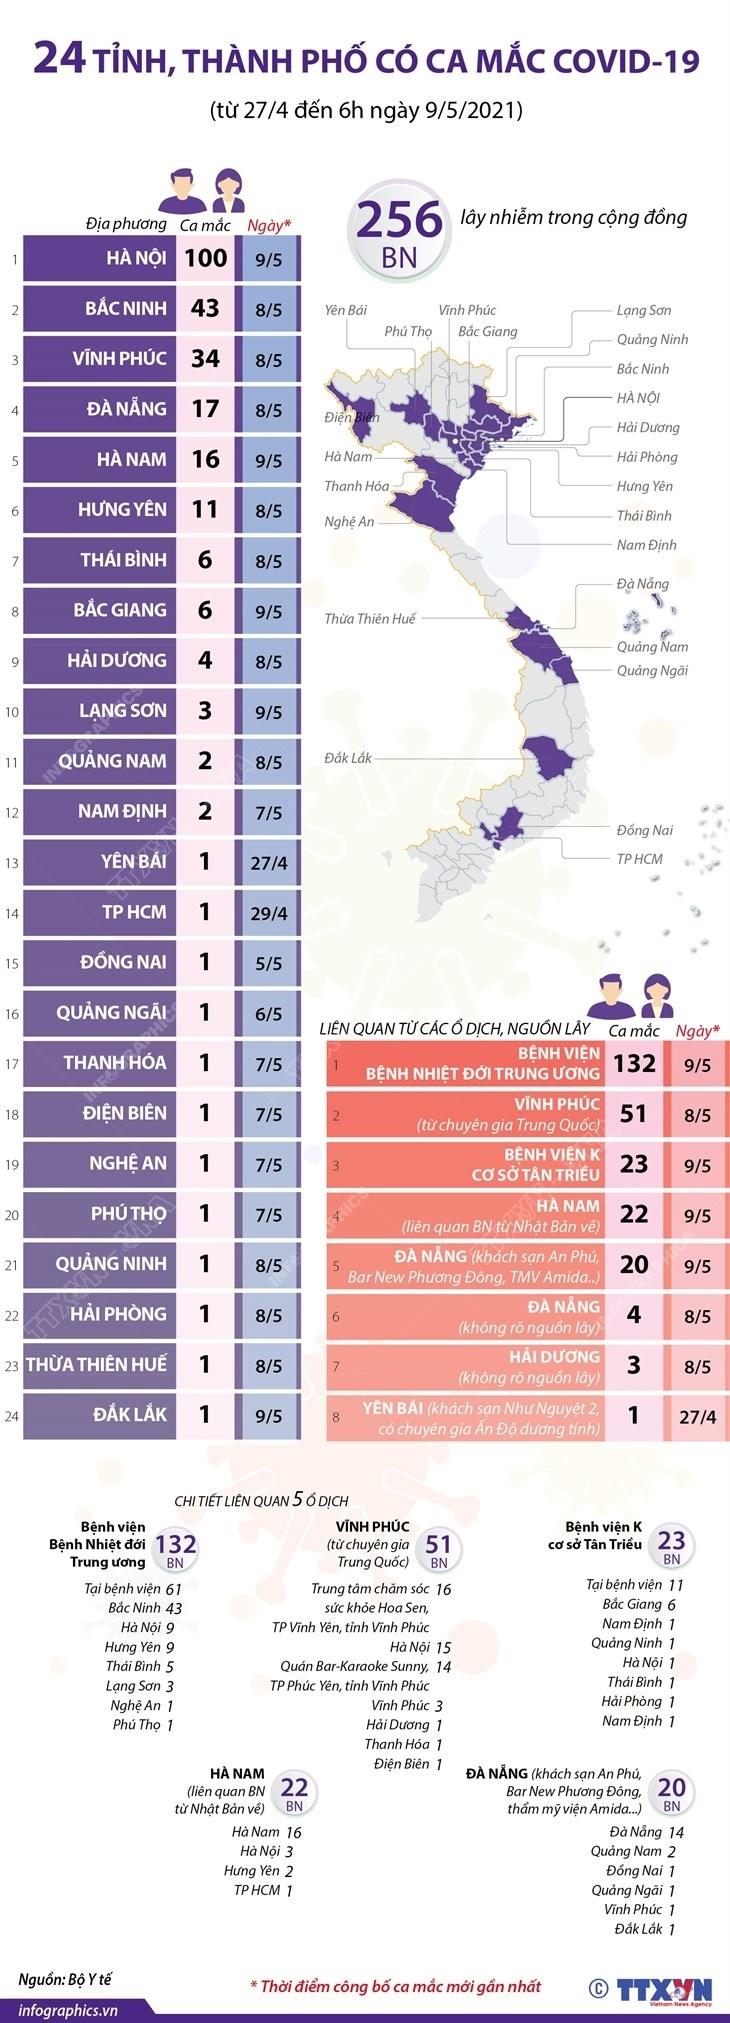 [Infographics] 24 tinh, thanh pho co ca mac COVID-19 trong cong dong hinh anh 1